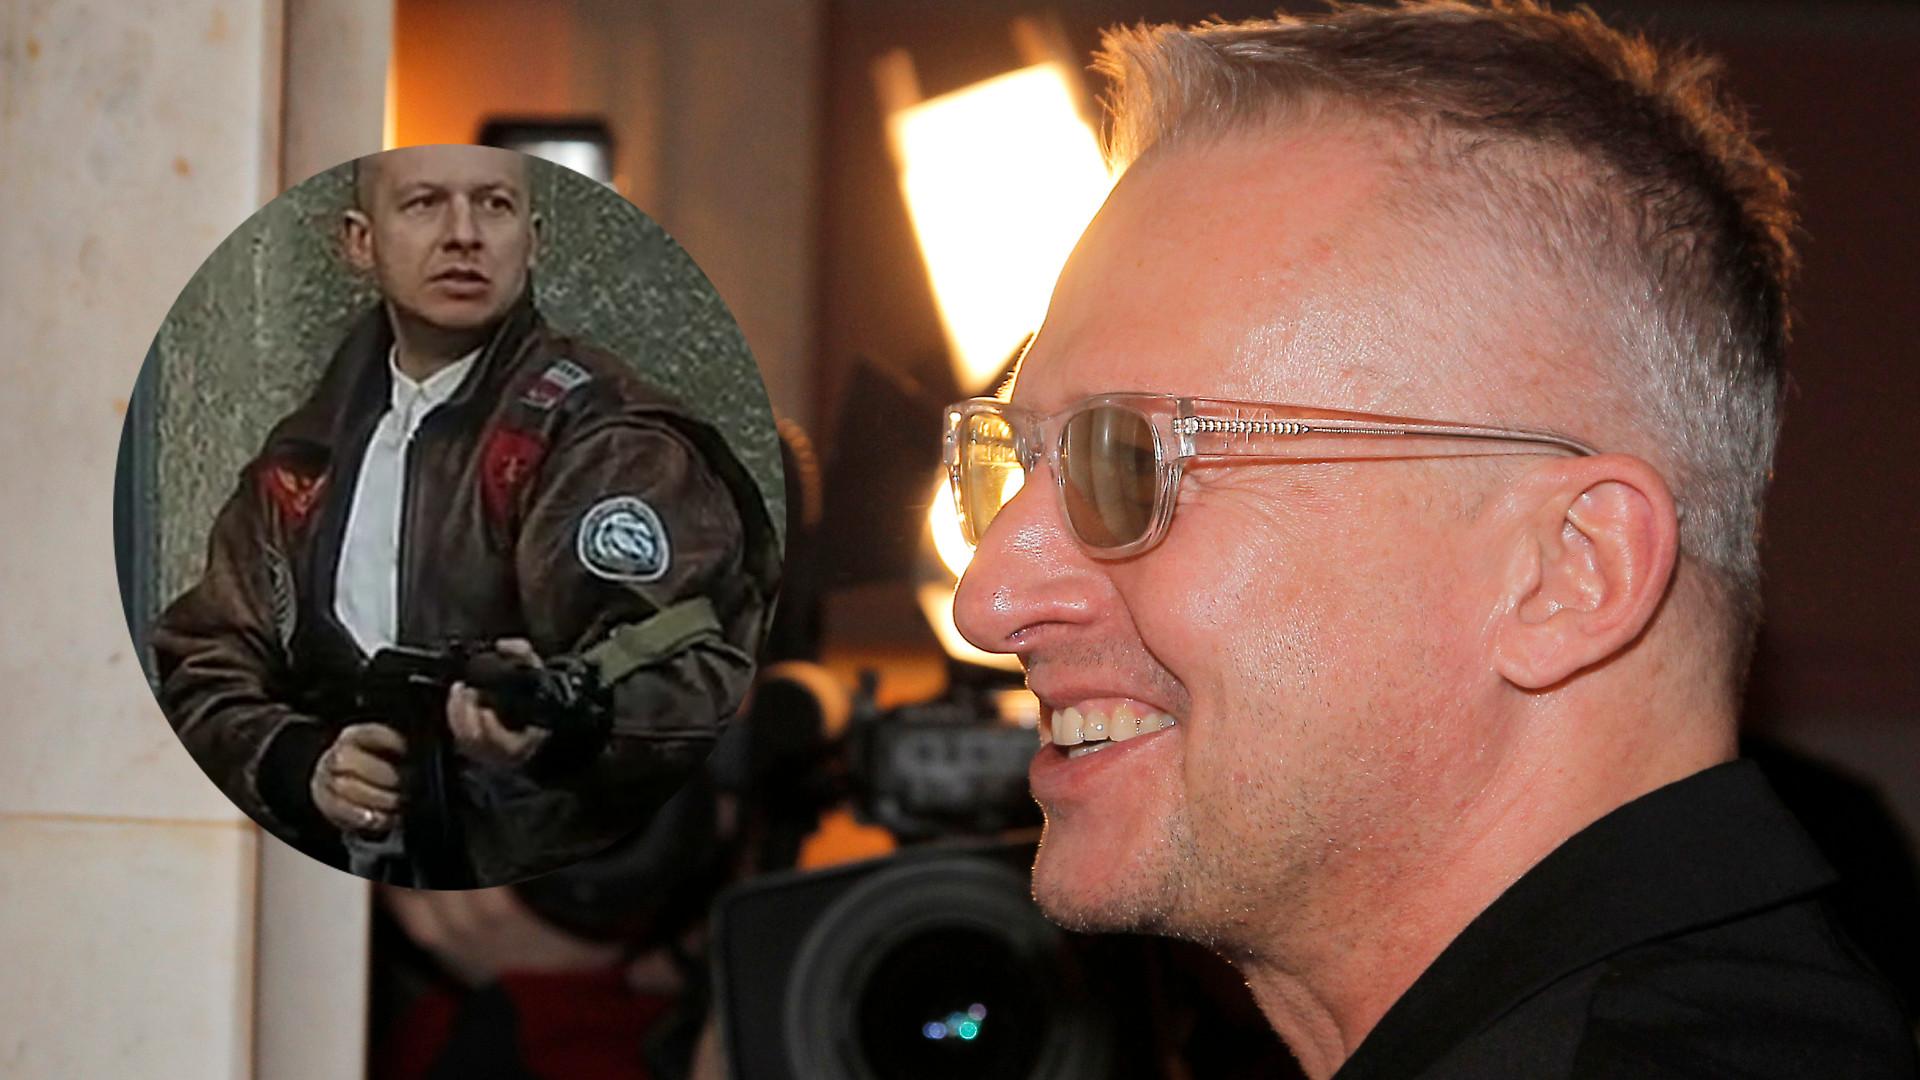 Możesz wylicytować kurtkę Bogusława Lindy z filmu Psy na aukcji WOŚP – musisz mieć jednak gruby portfel!